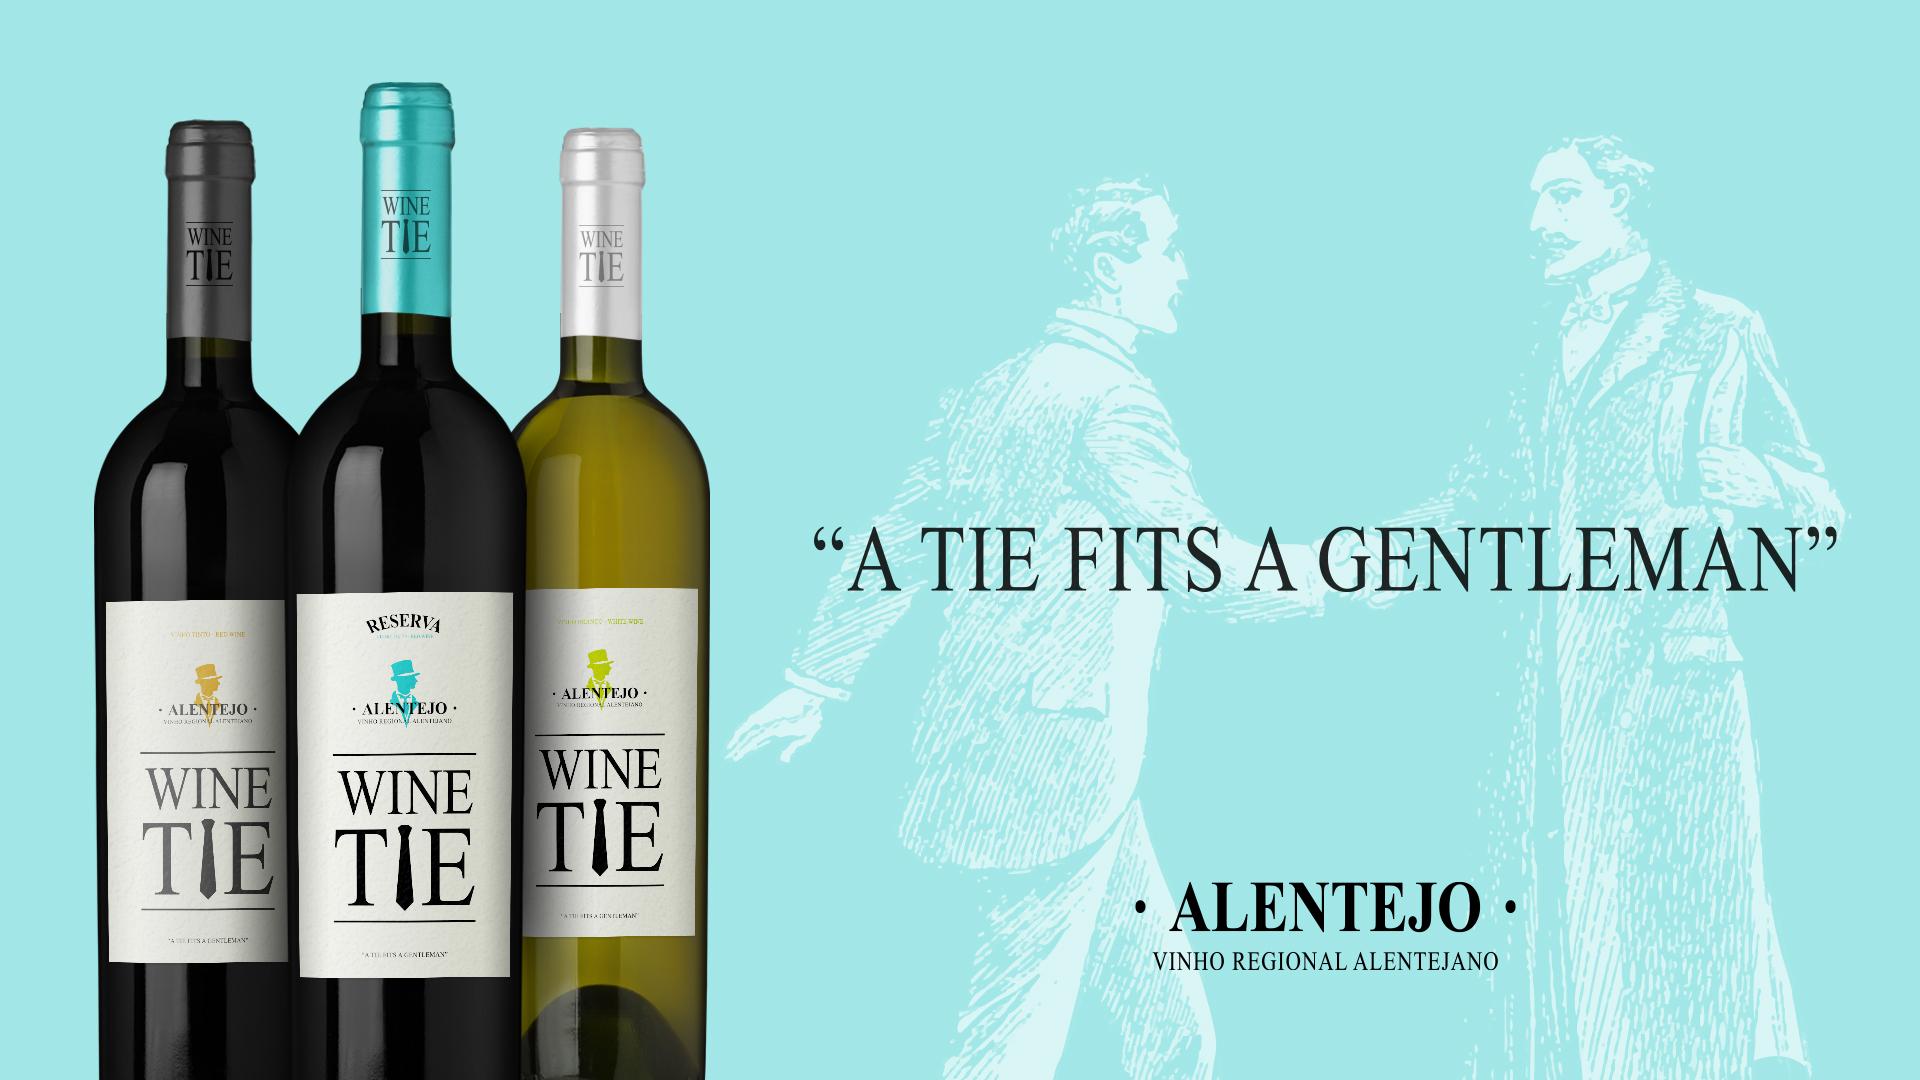 Design de Rótulo Wine Tie